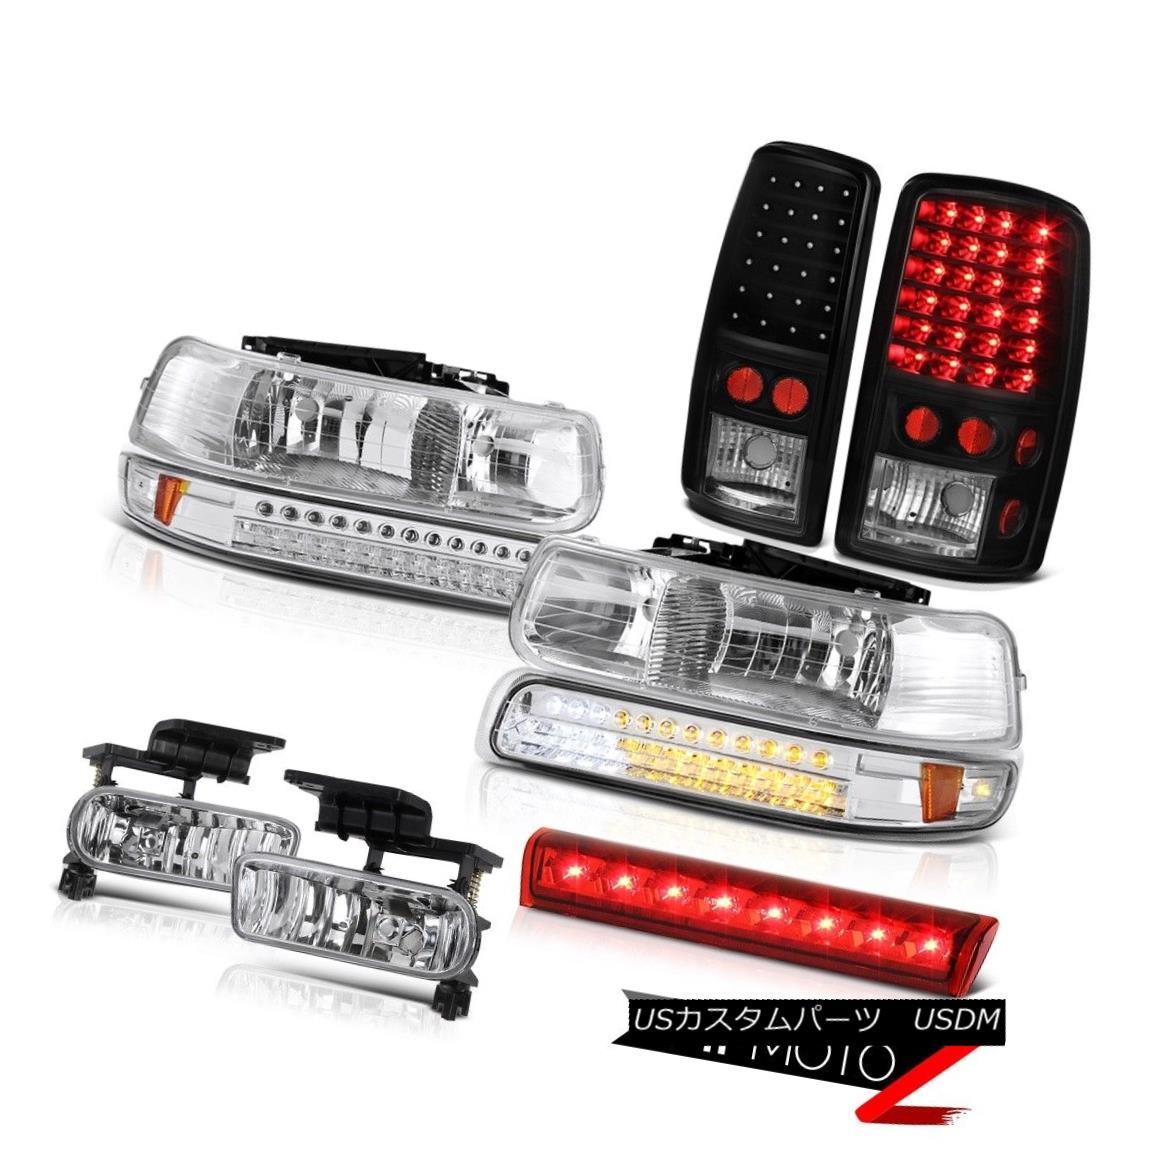 テールライト 2000-2006 Tahoe 4X4 Third brake light chrome fog lights rear Headlamps Assembly 2000-2006タホ4X4第3ブレーキライトクロームフォグライトリアヘッドランプアセンブリ